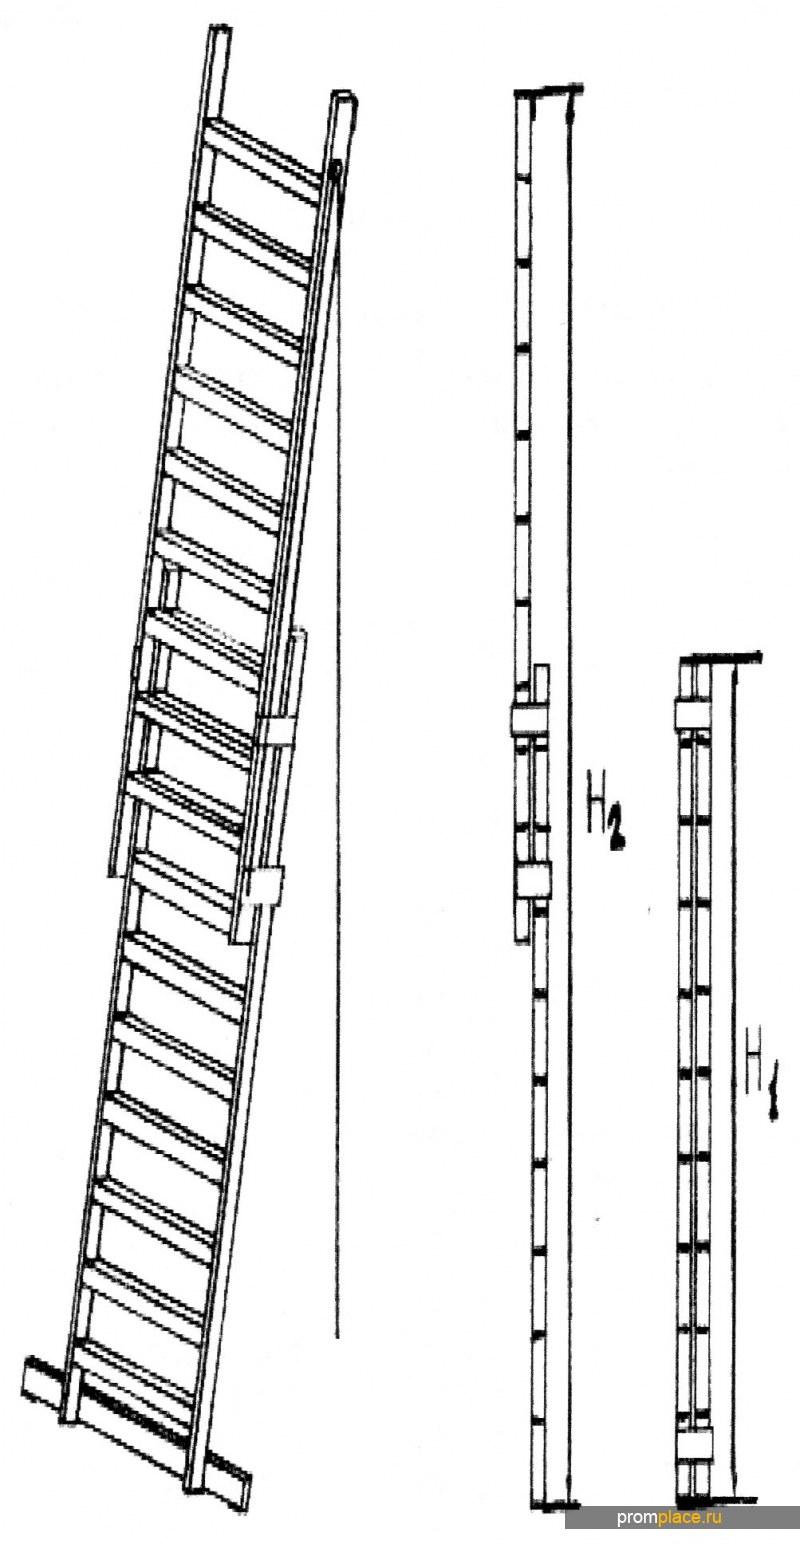 Деревянная лестница своими руками пошаговая инструкция 19